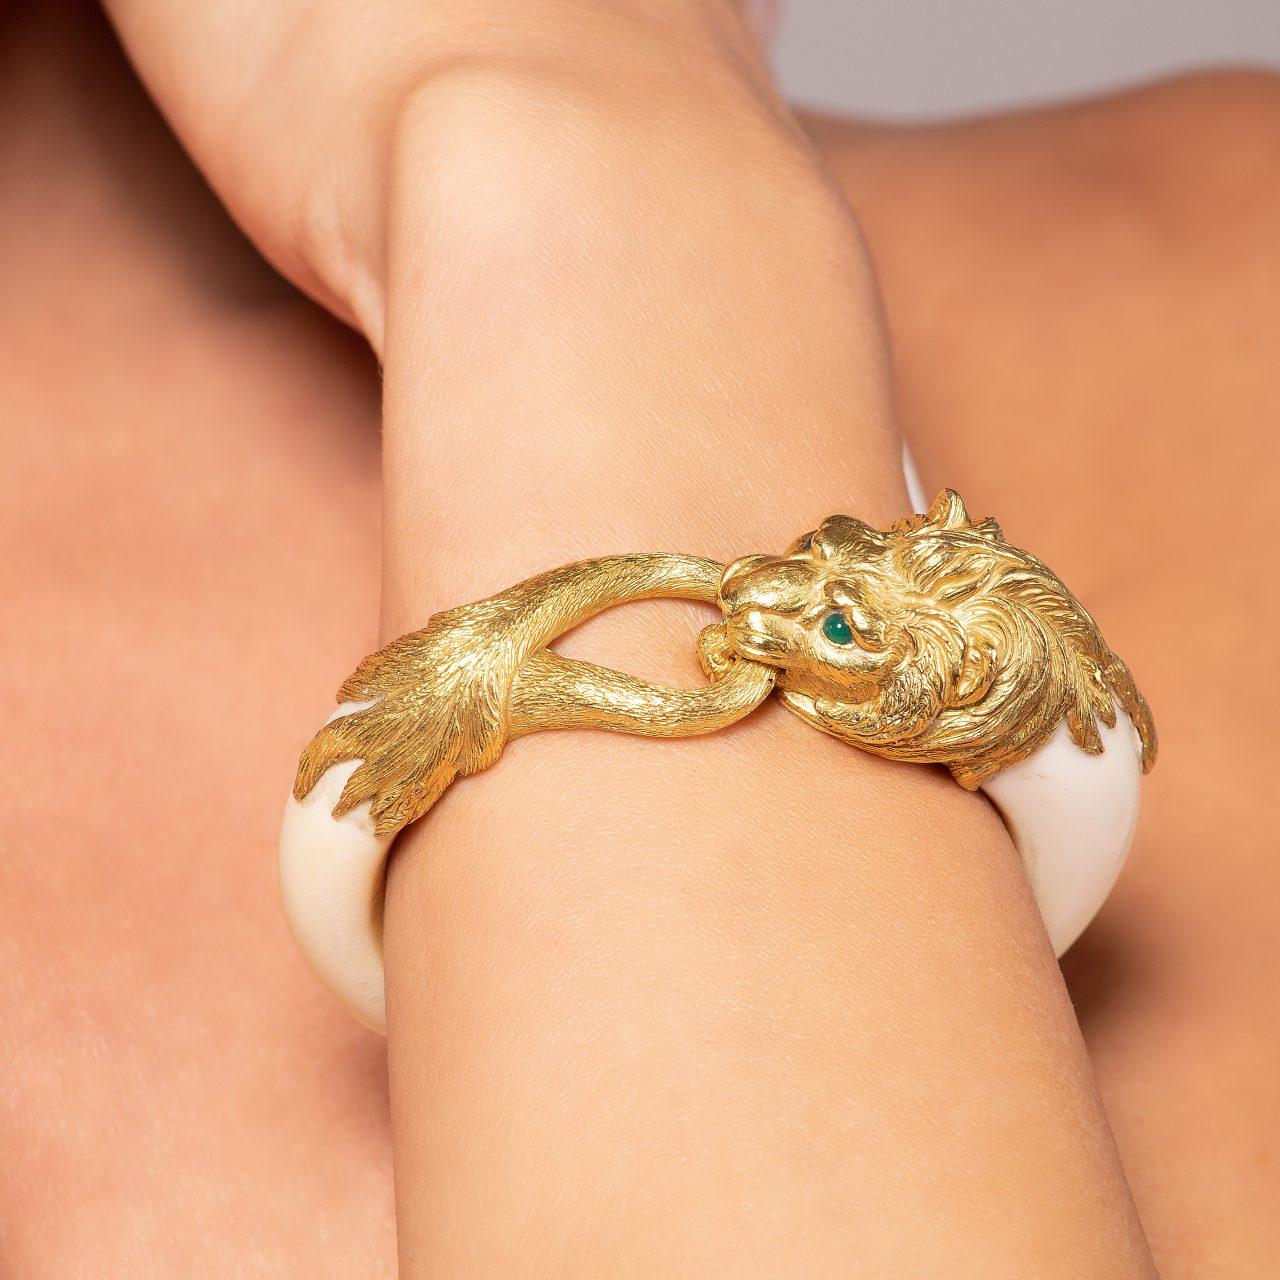 Bracciale Leone in Avorio e Oro Giallo 18k indossato